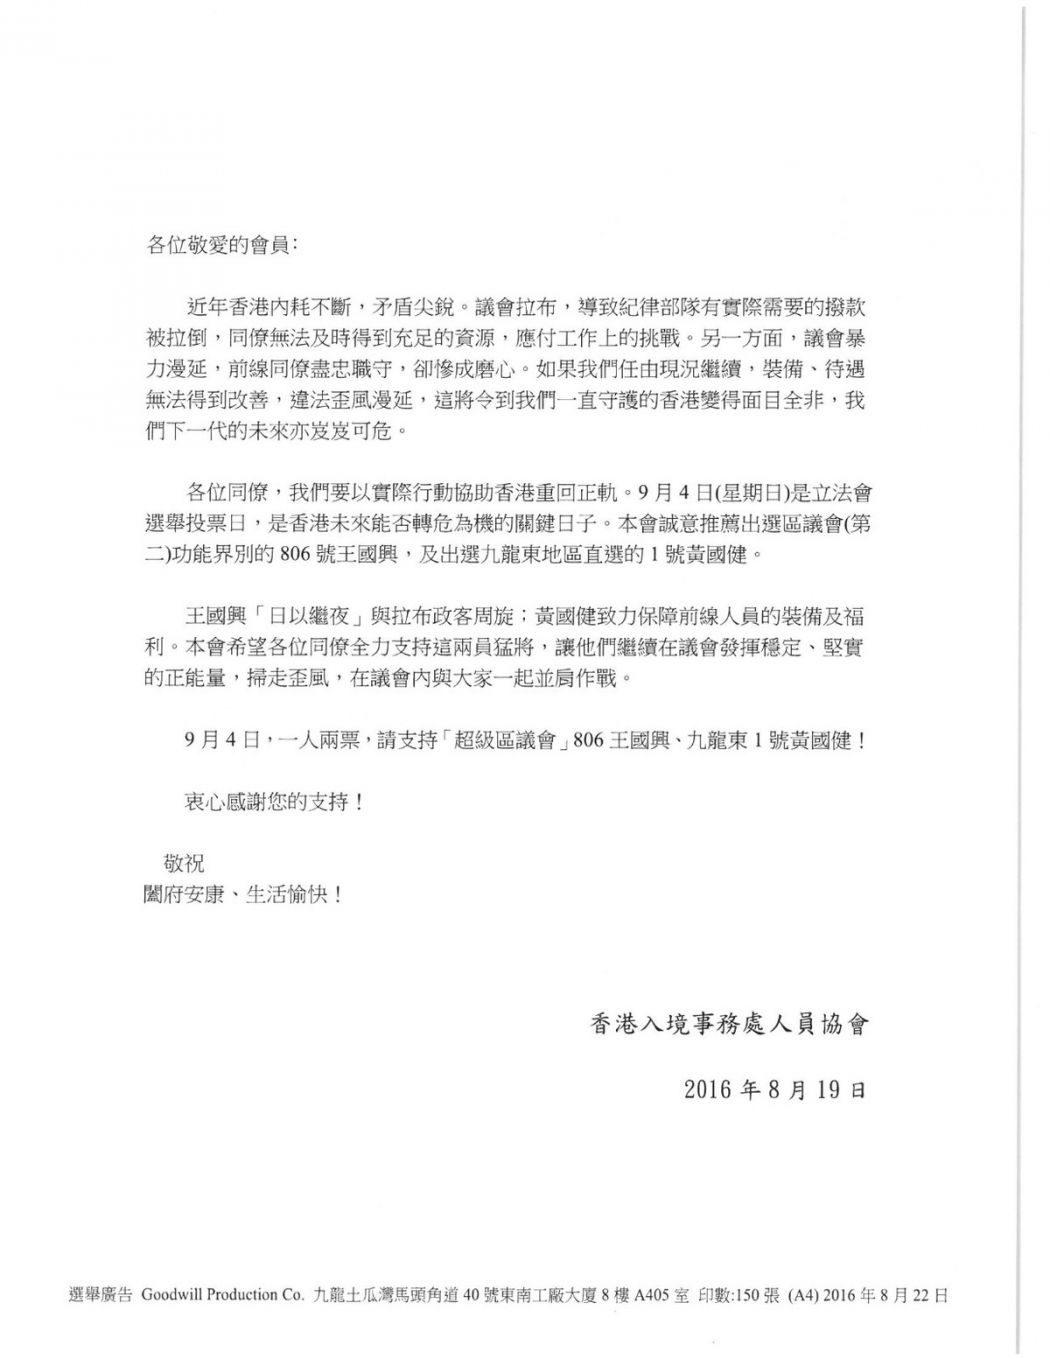 immigration dept staff asso letter